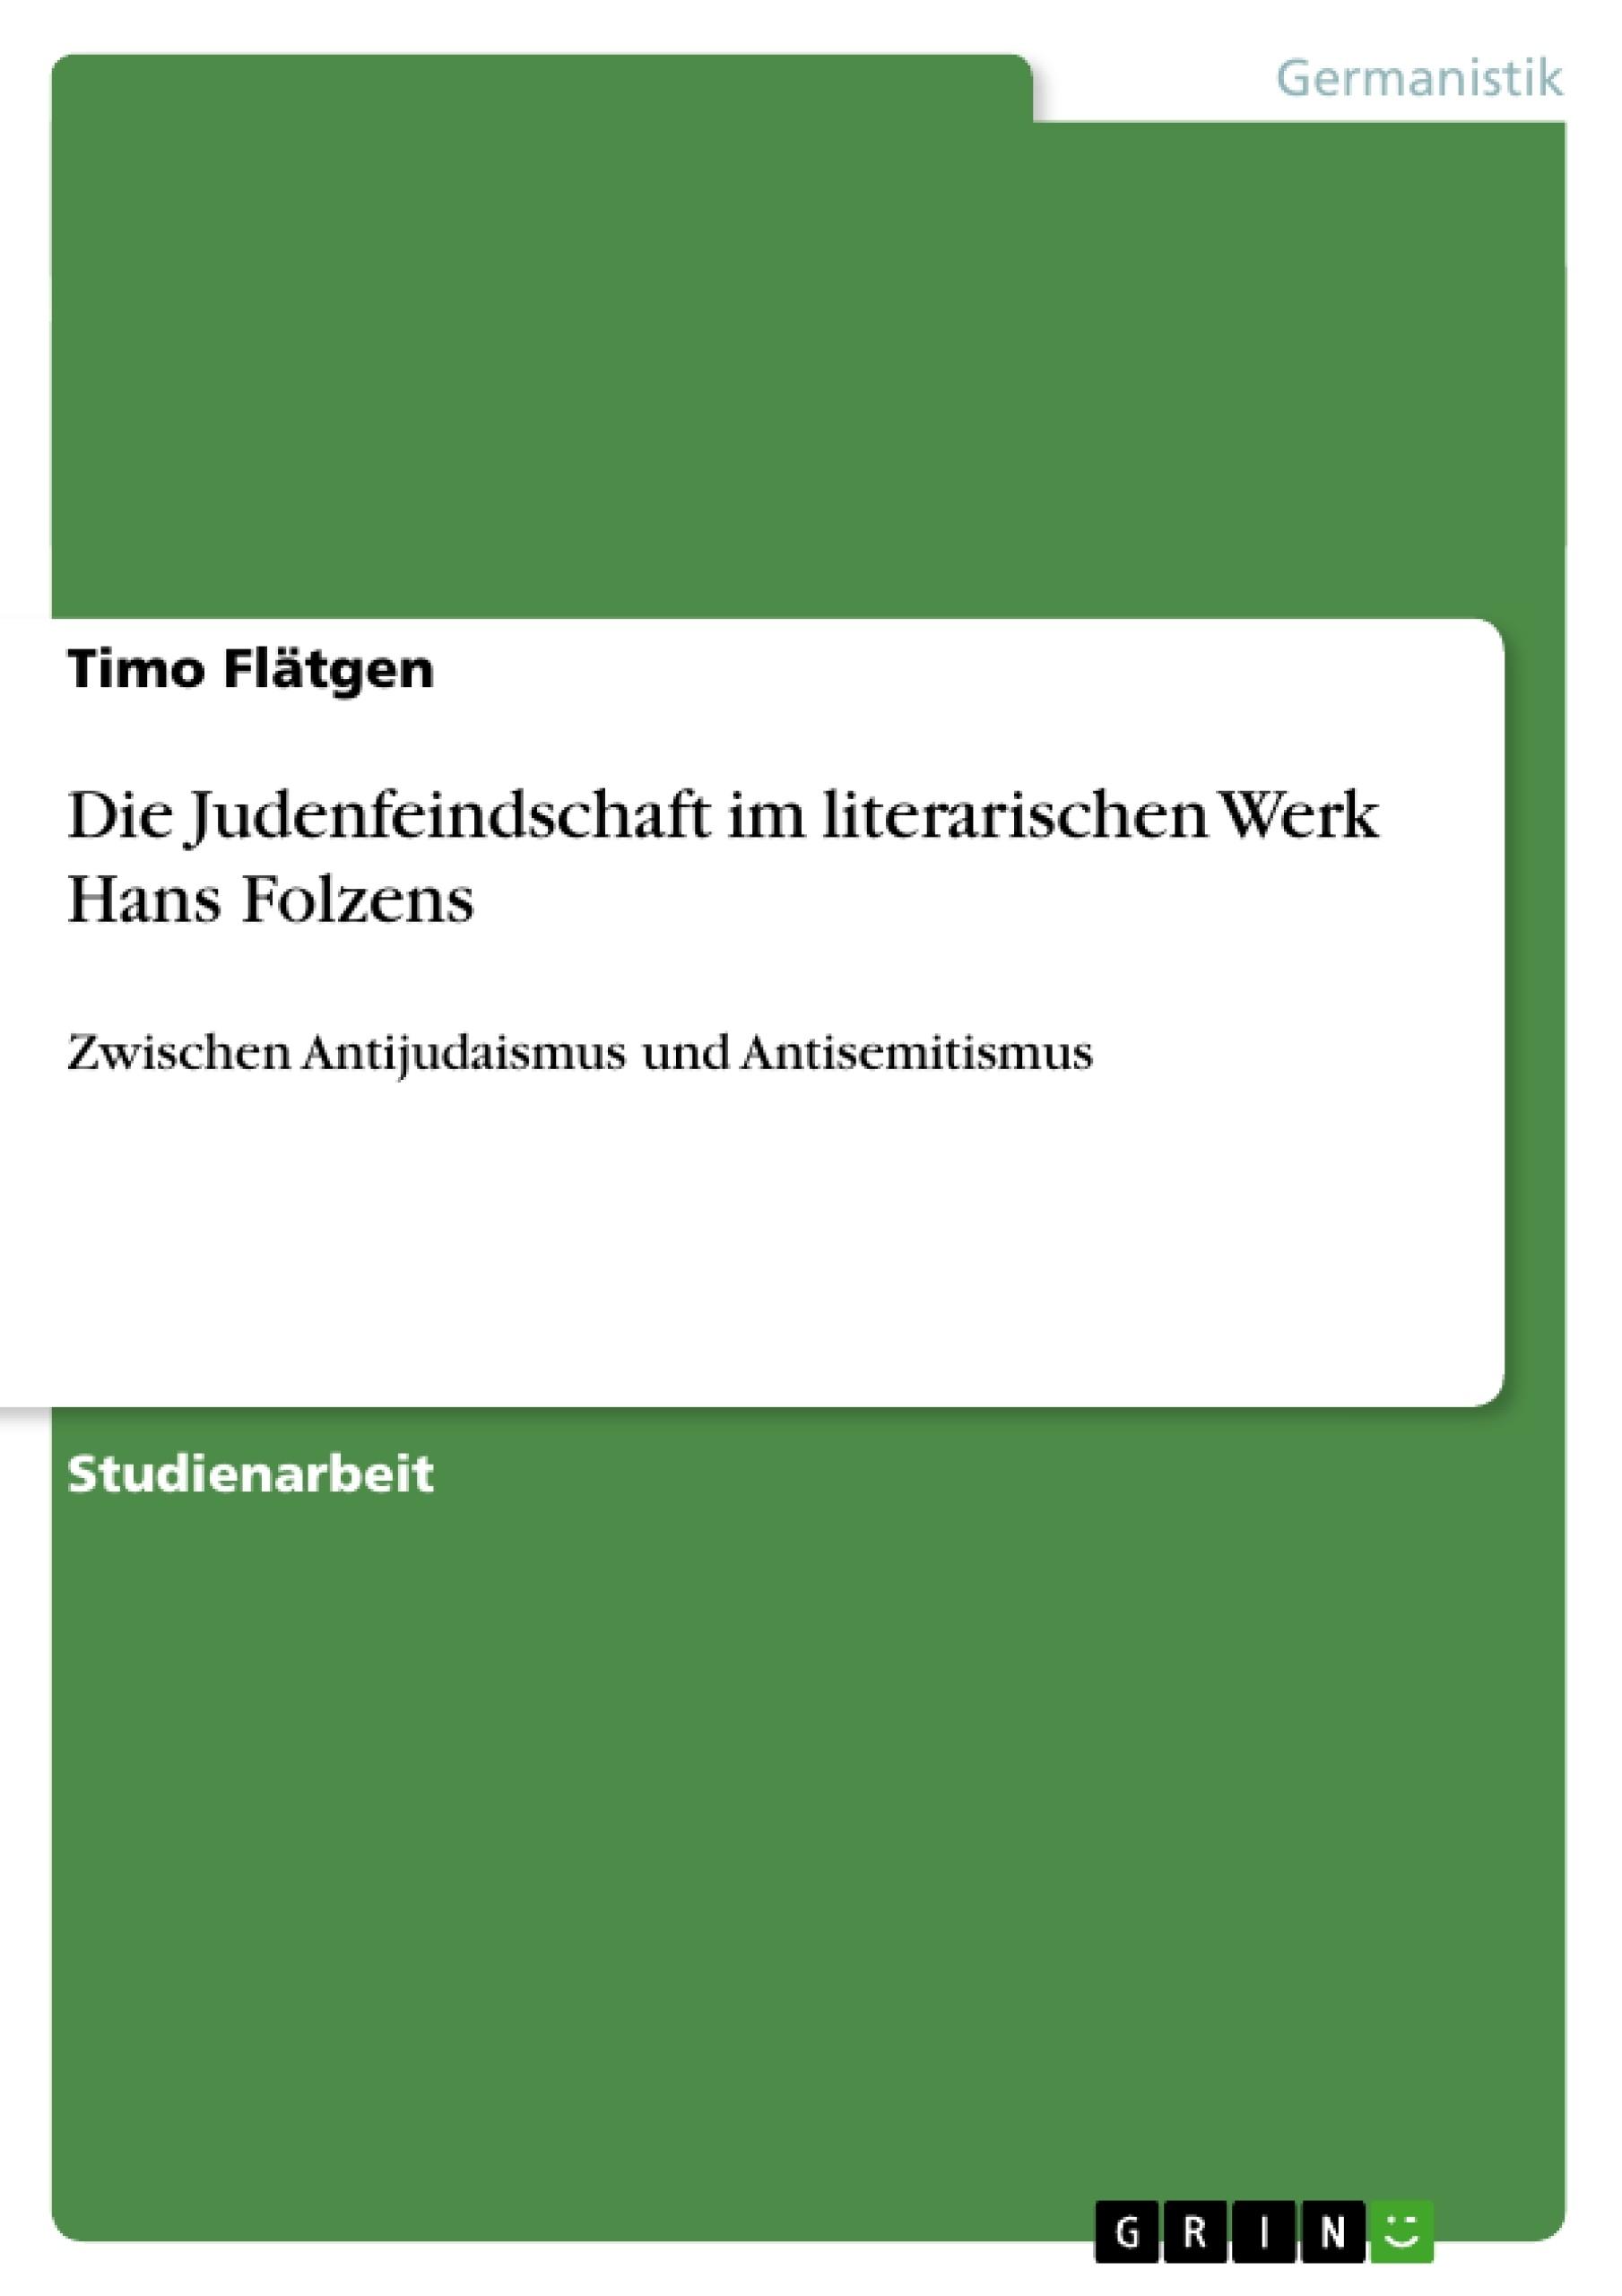 Titel: Die Judenfeindschaft im literarischen Werk Hans Folzens